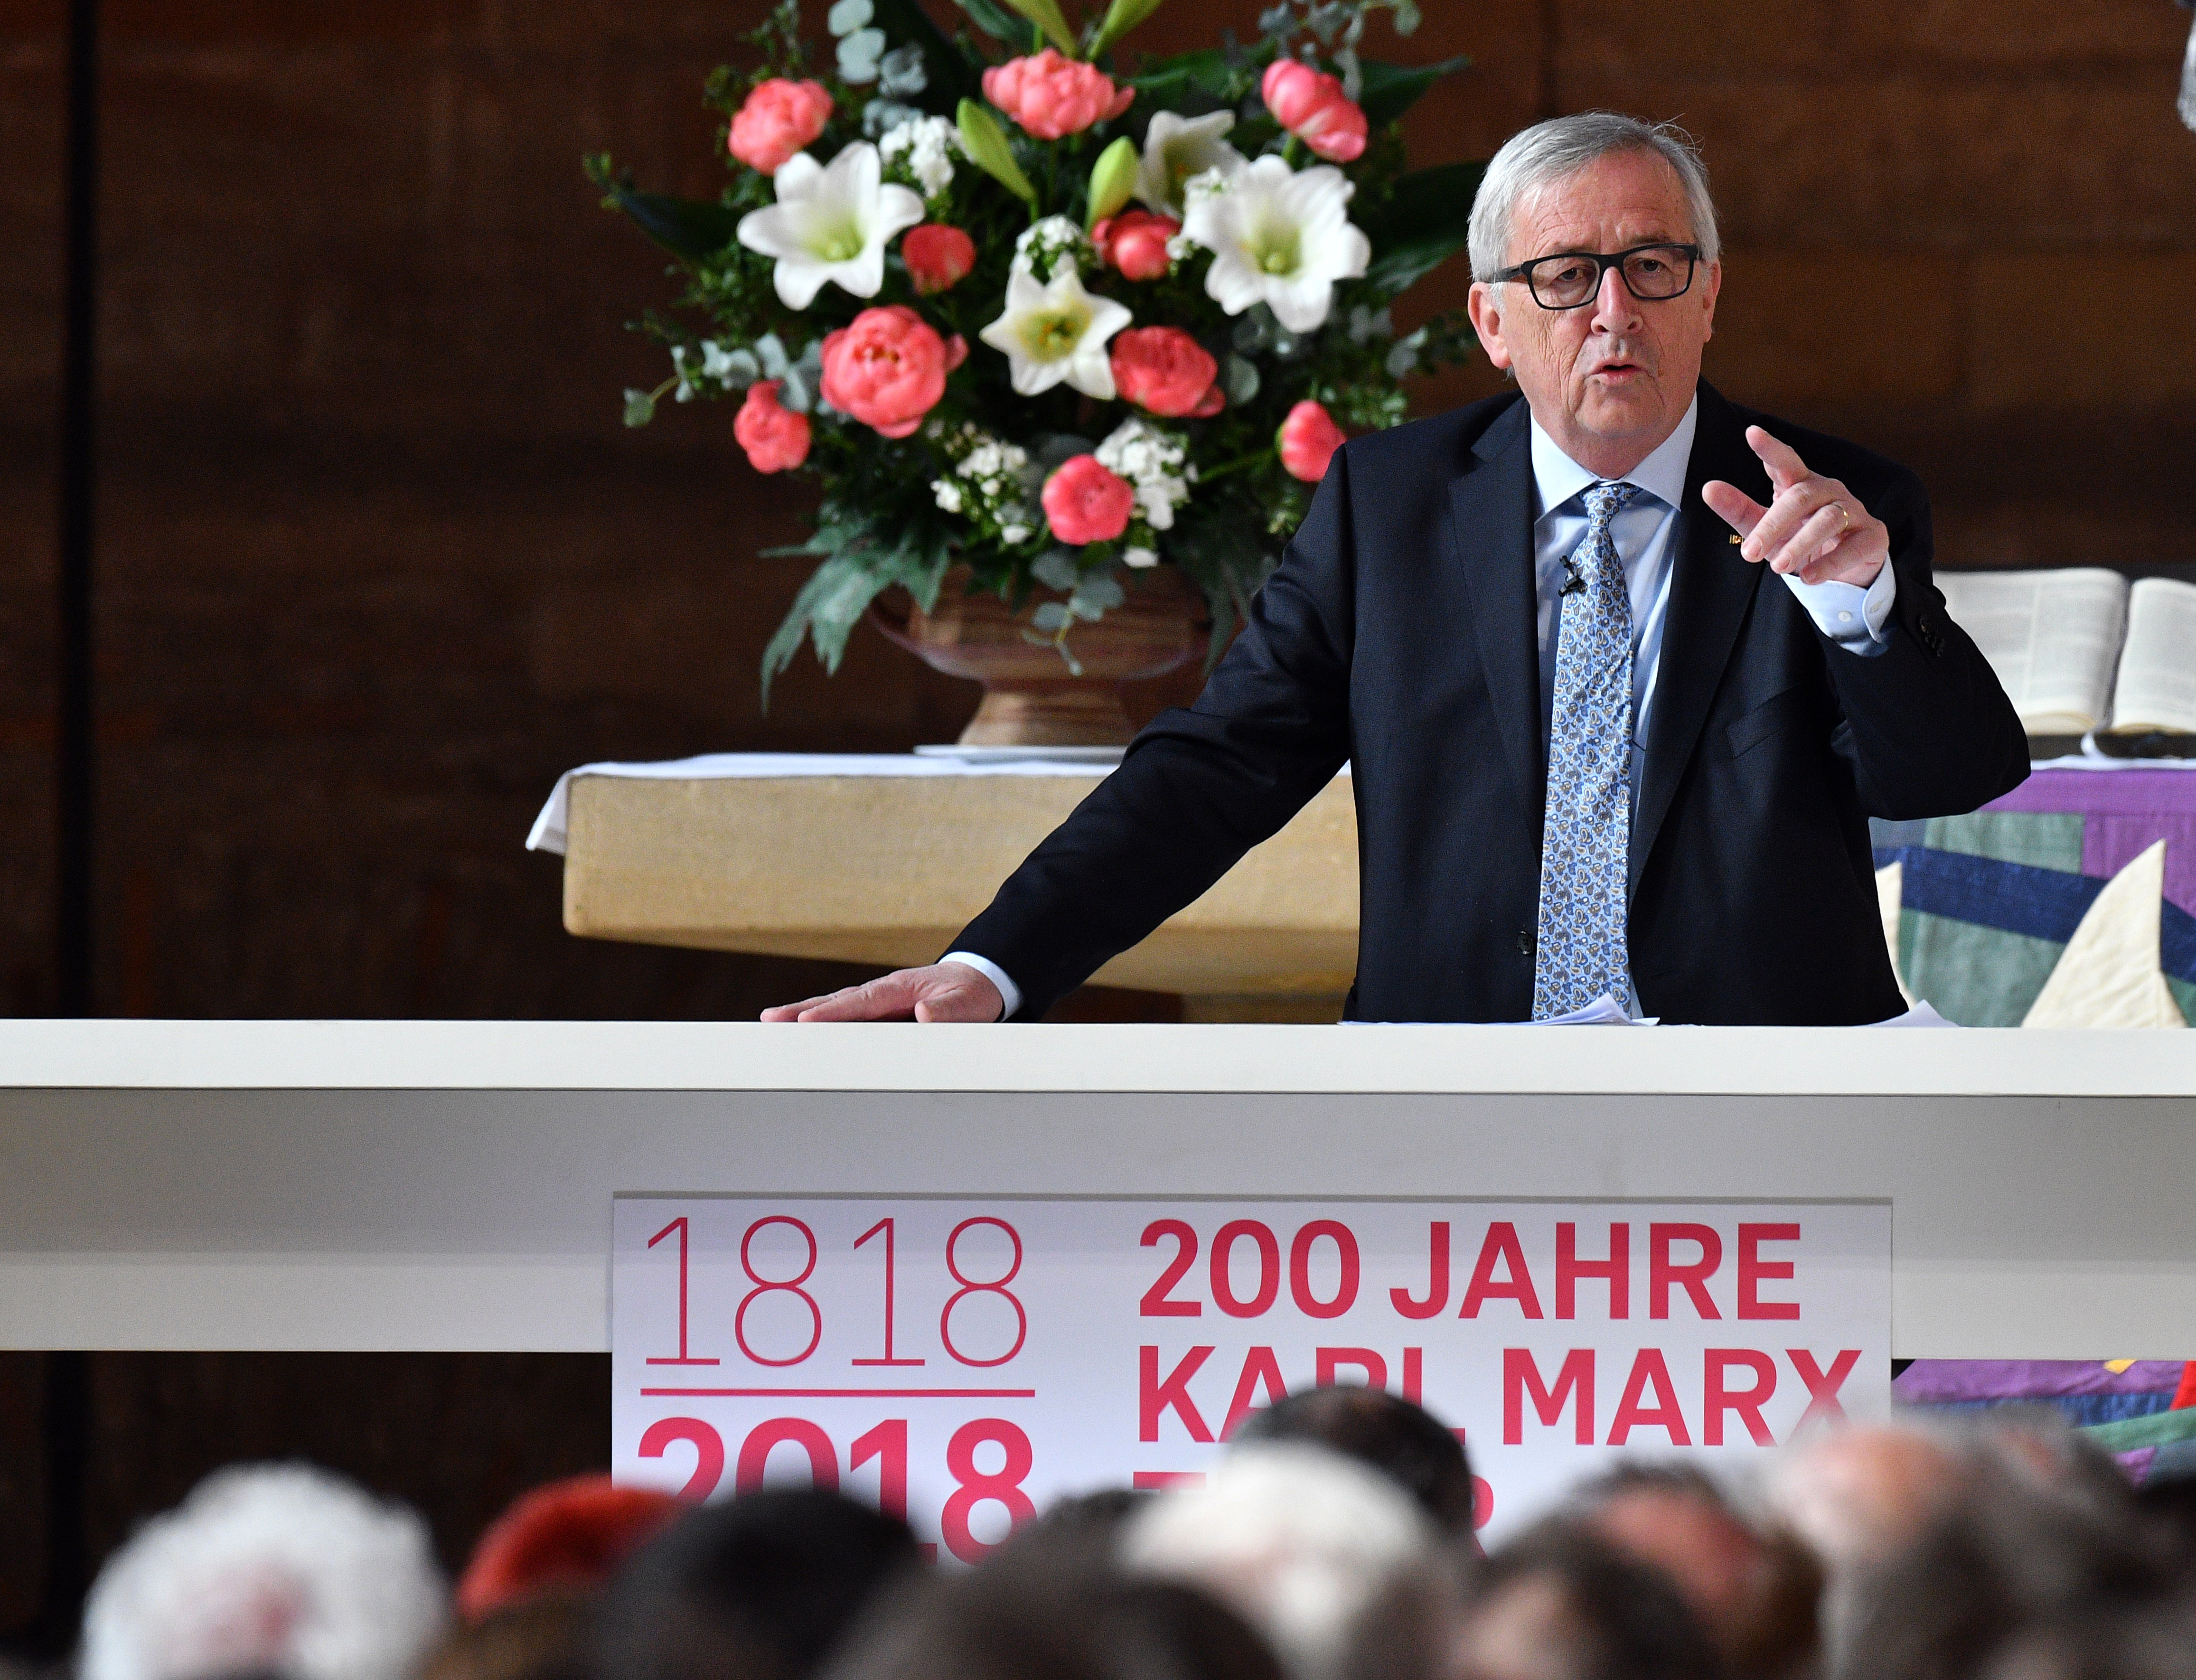 Juncker szerint nem lehet felelőssé tenni Marxot a követői által elkövetett rémtettekért